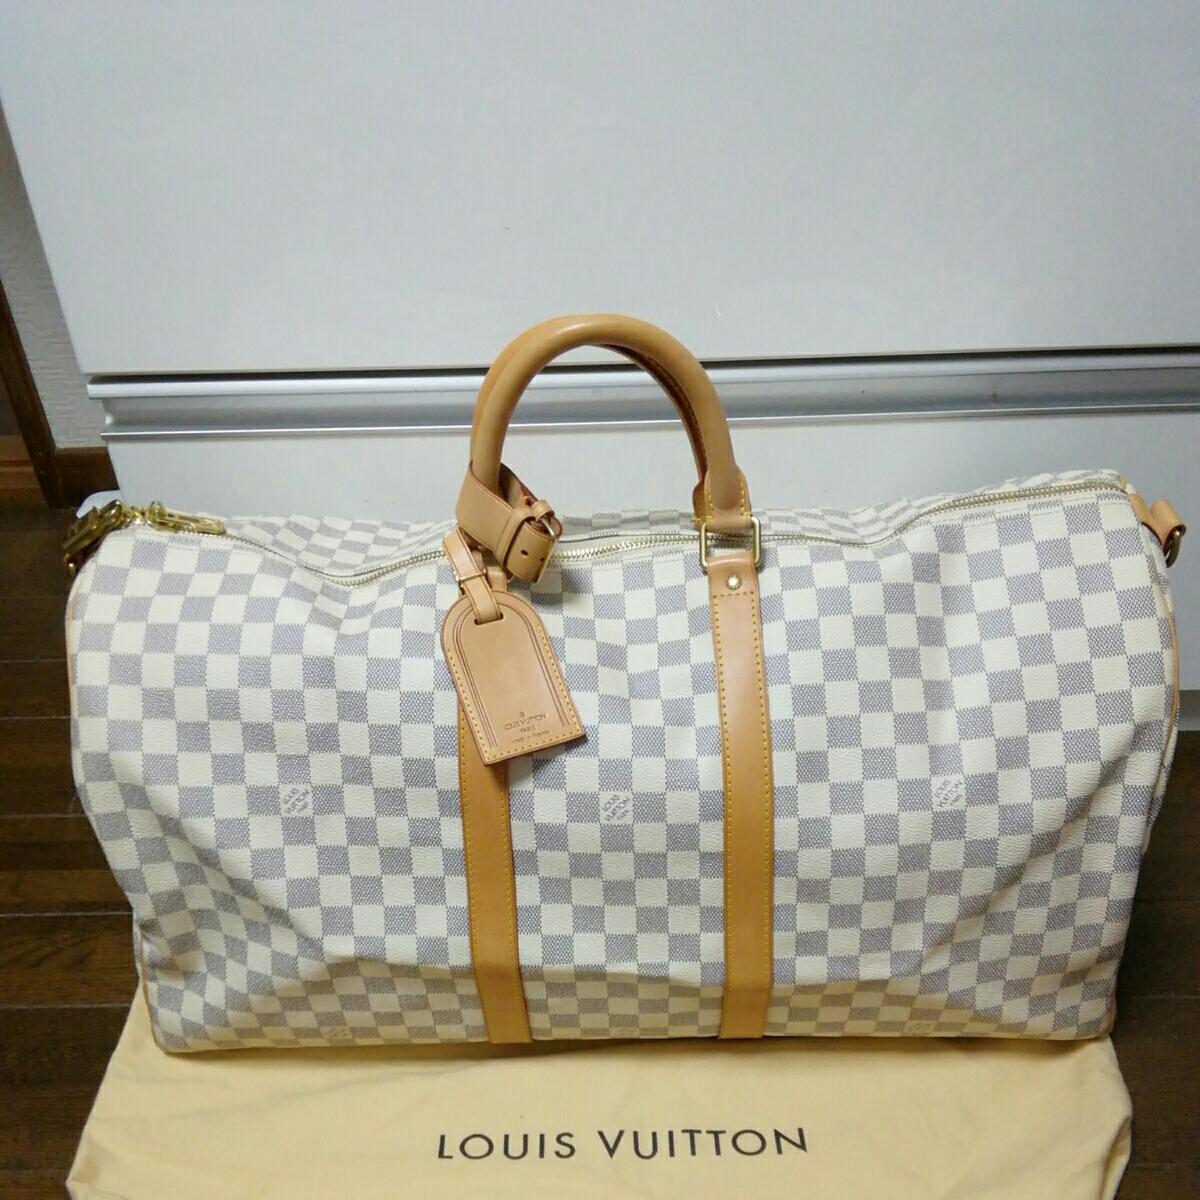 美品 LOUIS VUITTON ルイ ヴィトン ダミエ アズール キーポル バンドリエール 55 ボストン バッグ 人気 1円スタート MB1016